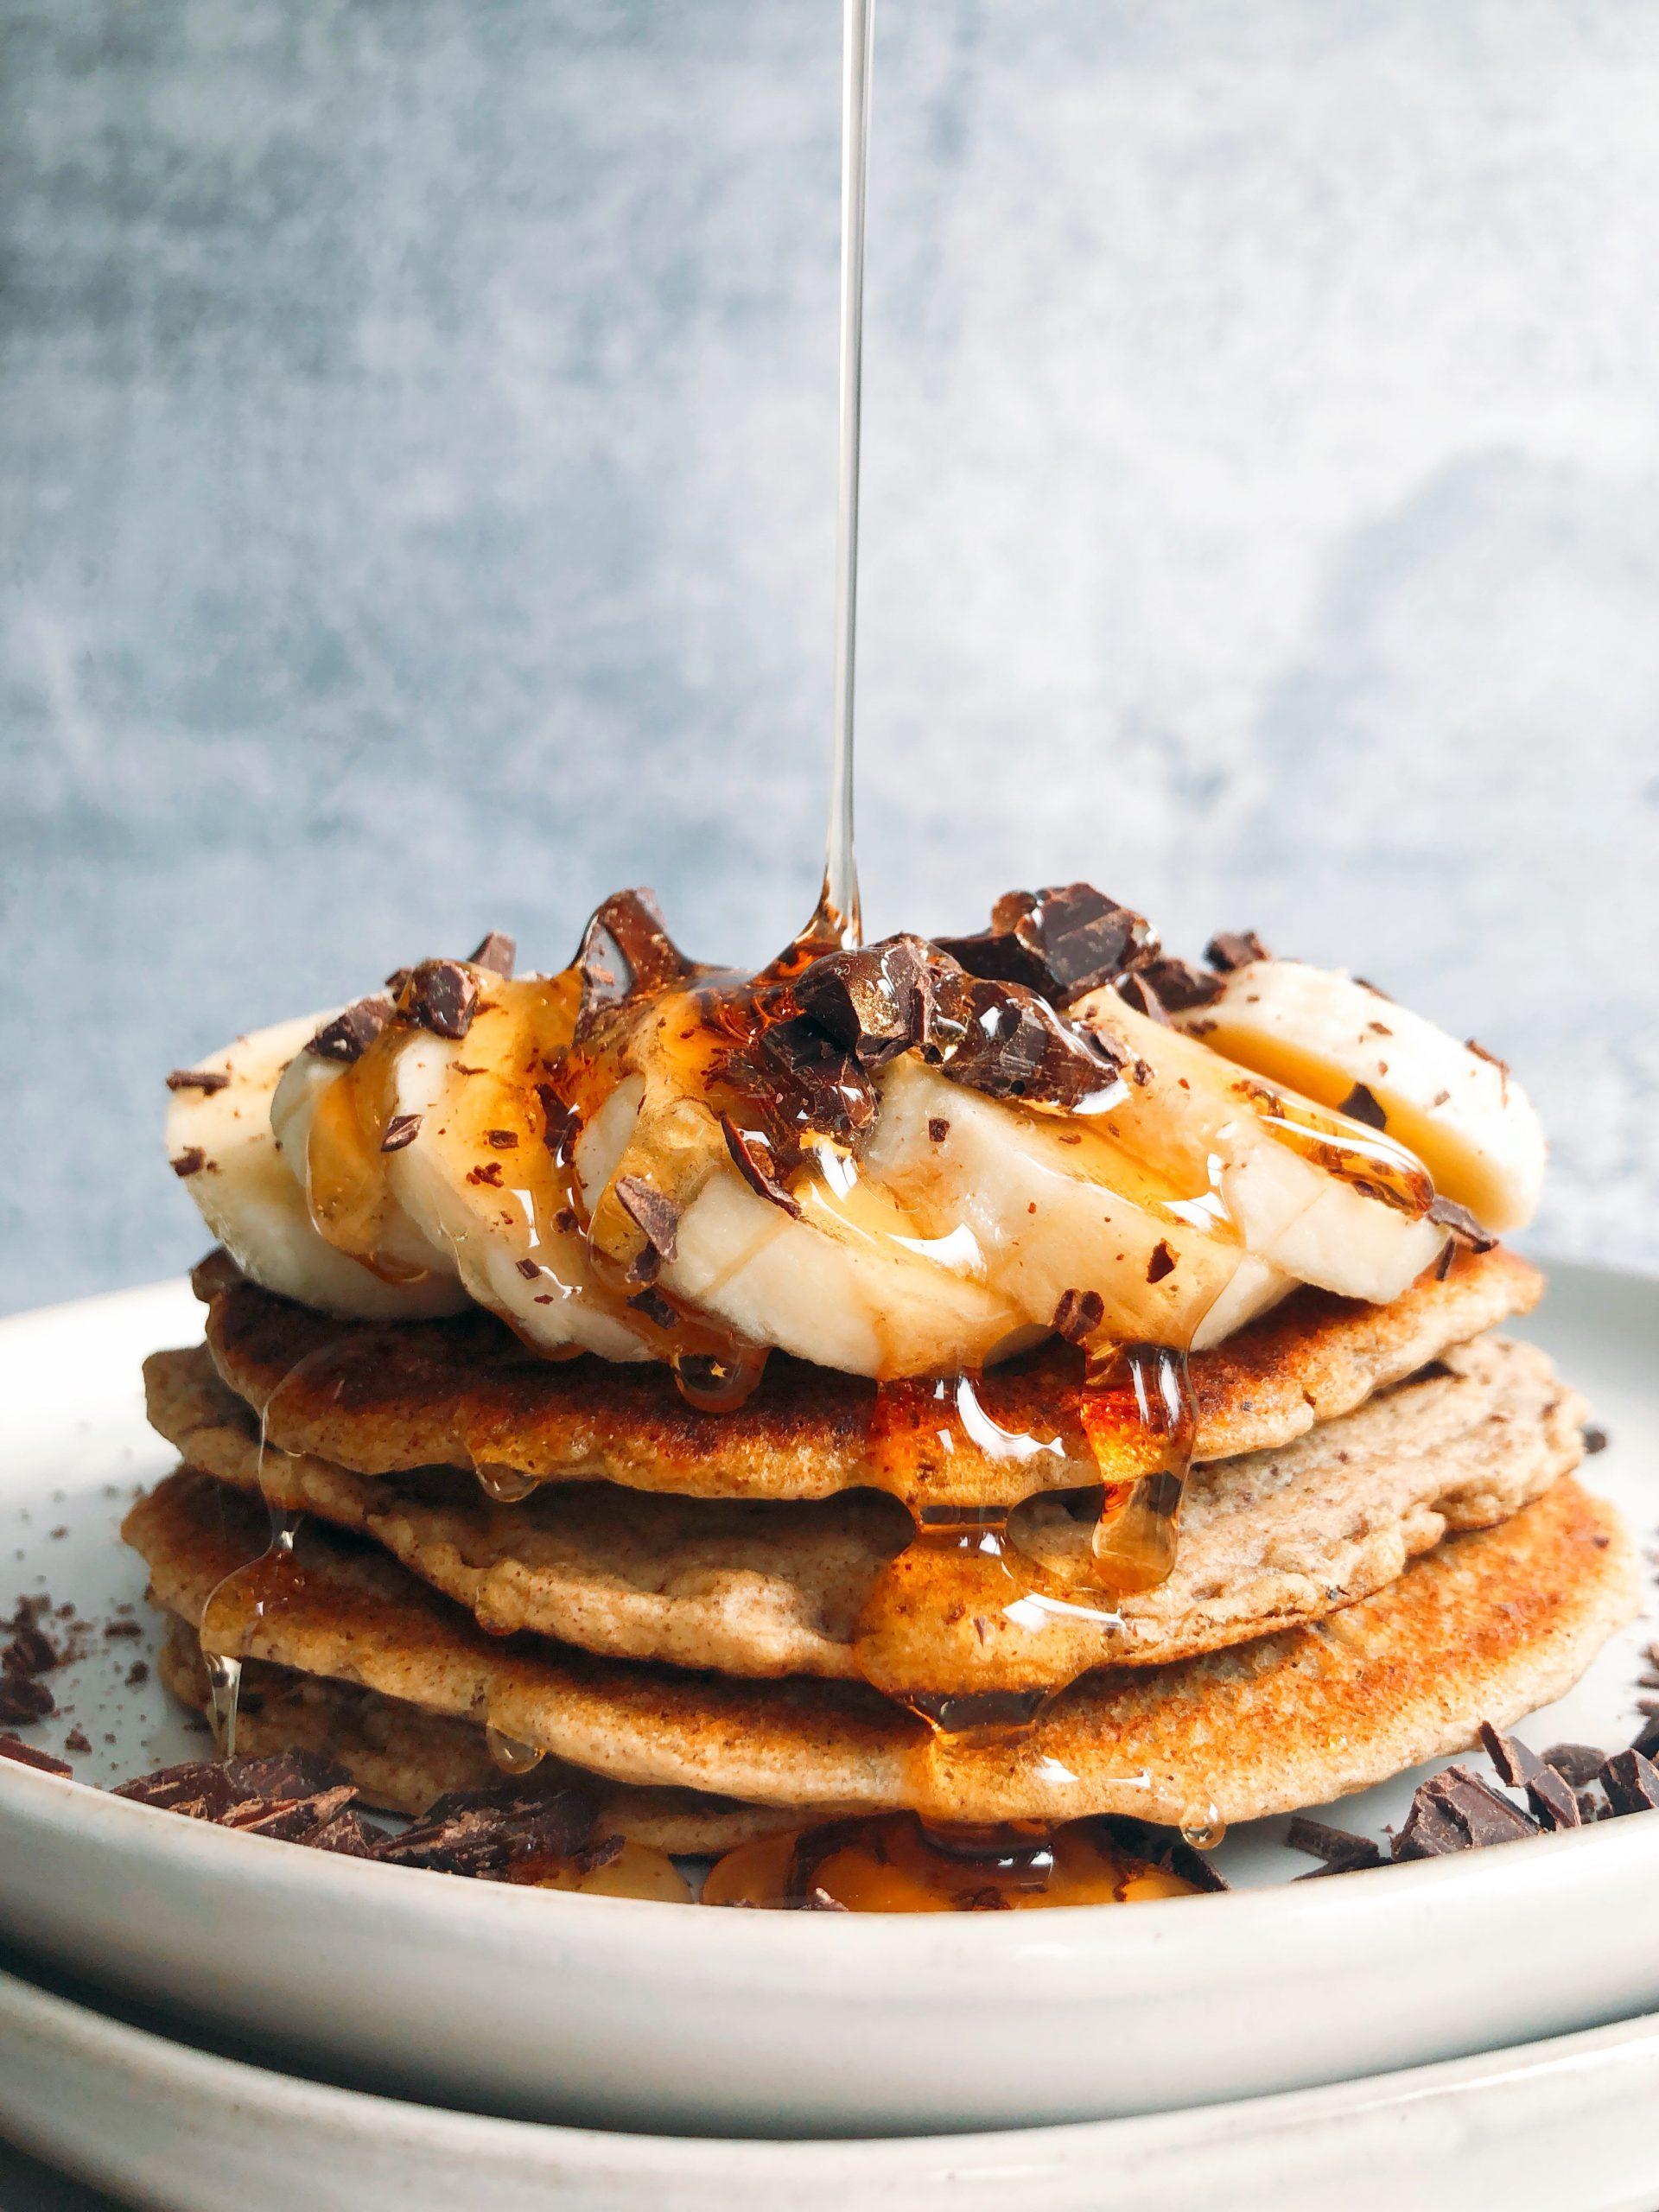 Chocolate Chip Tahini Pancakes